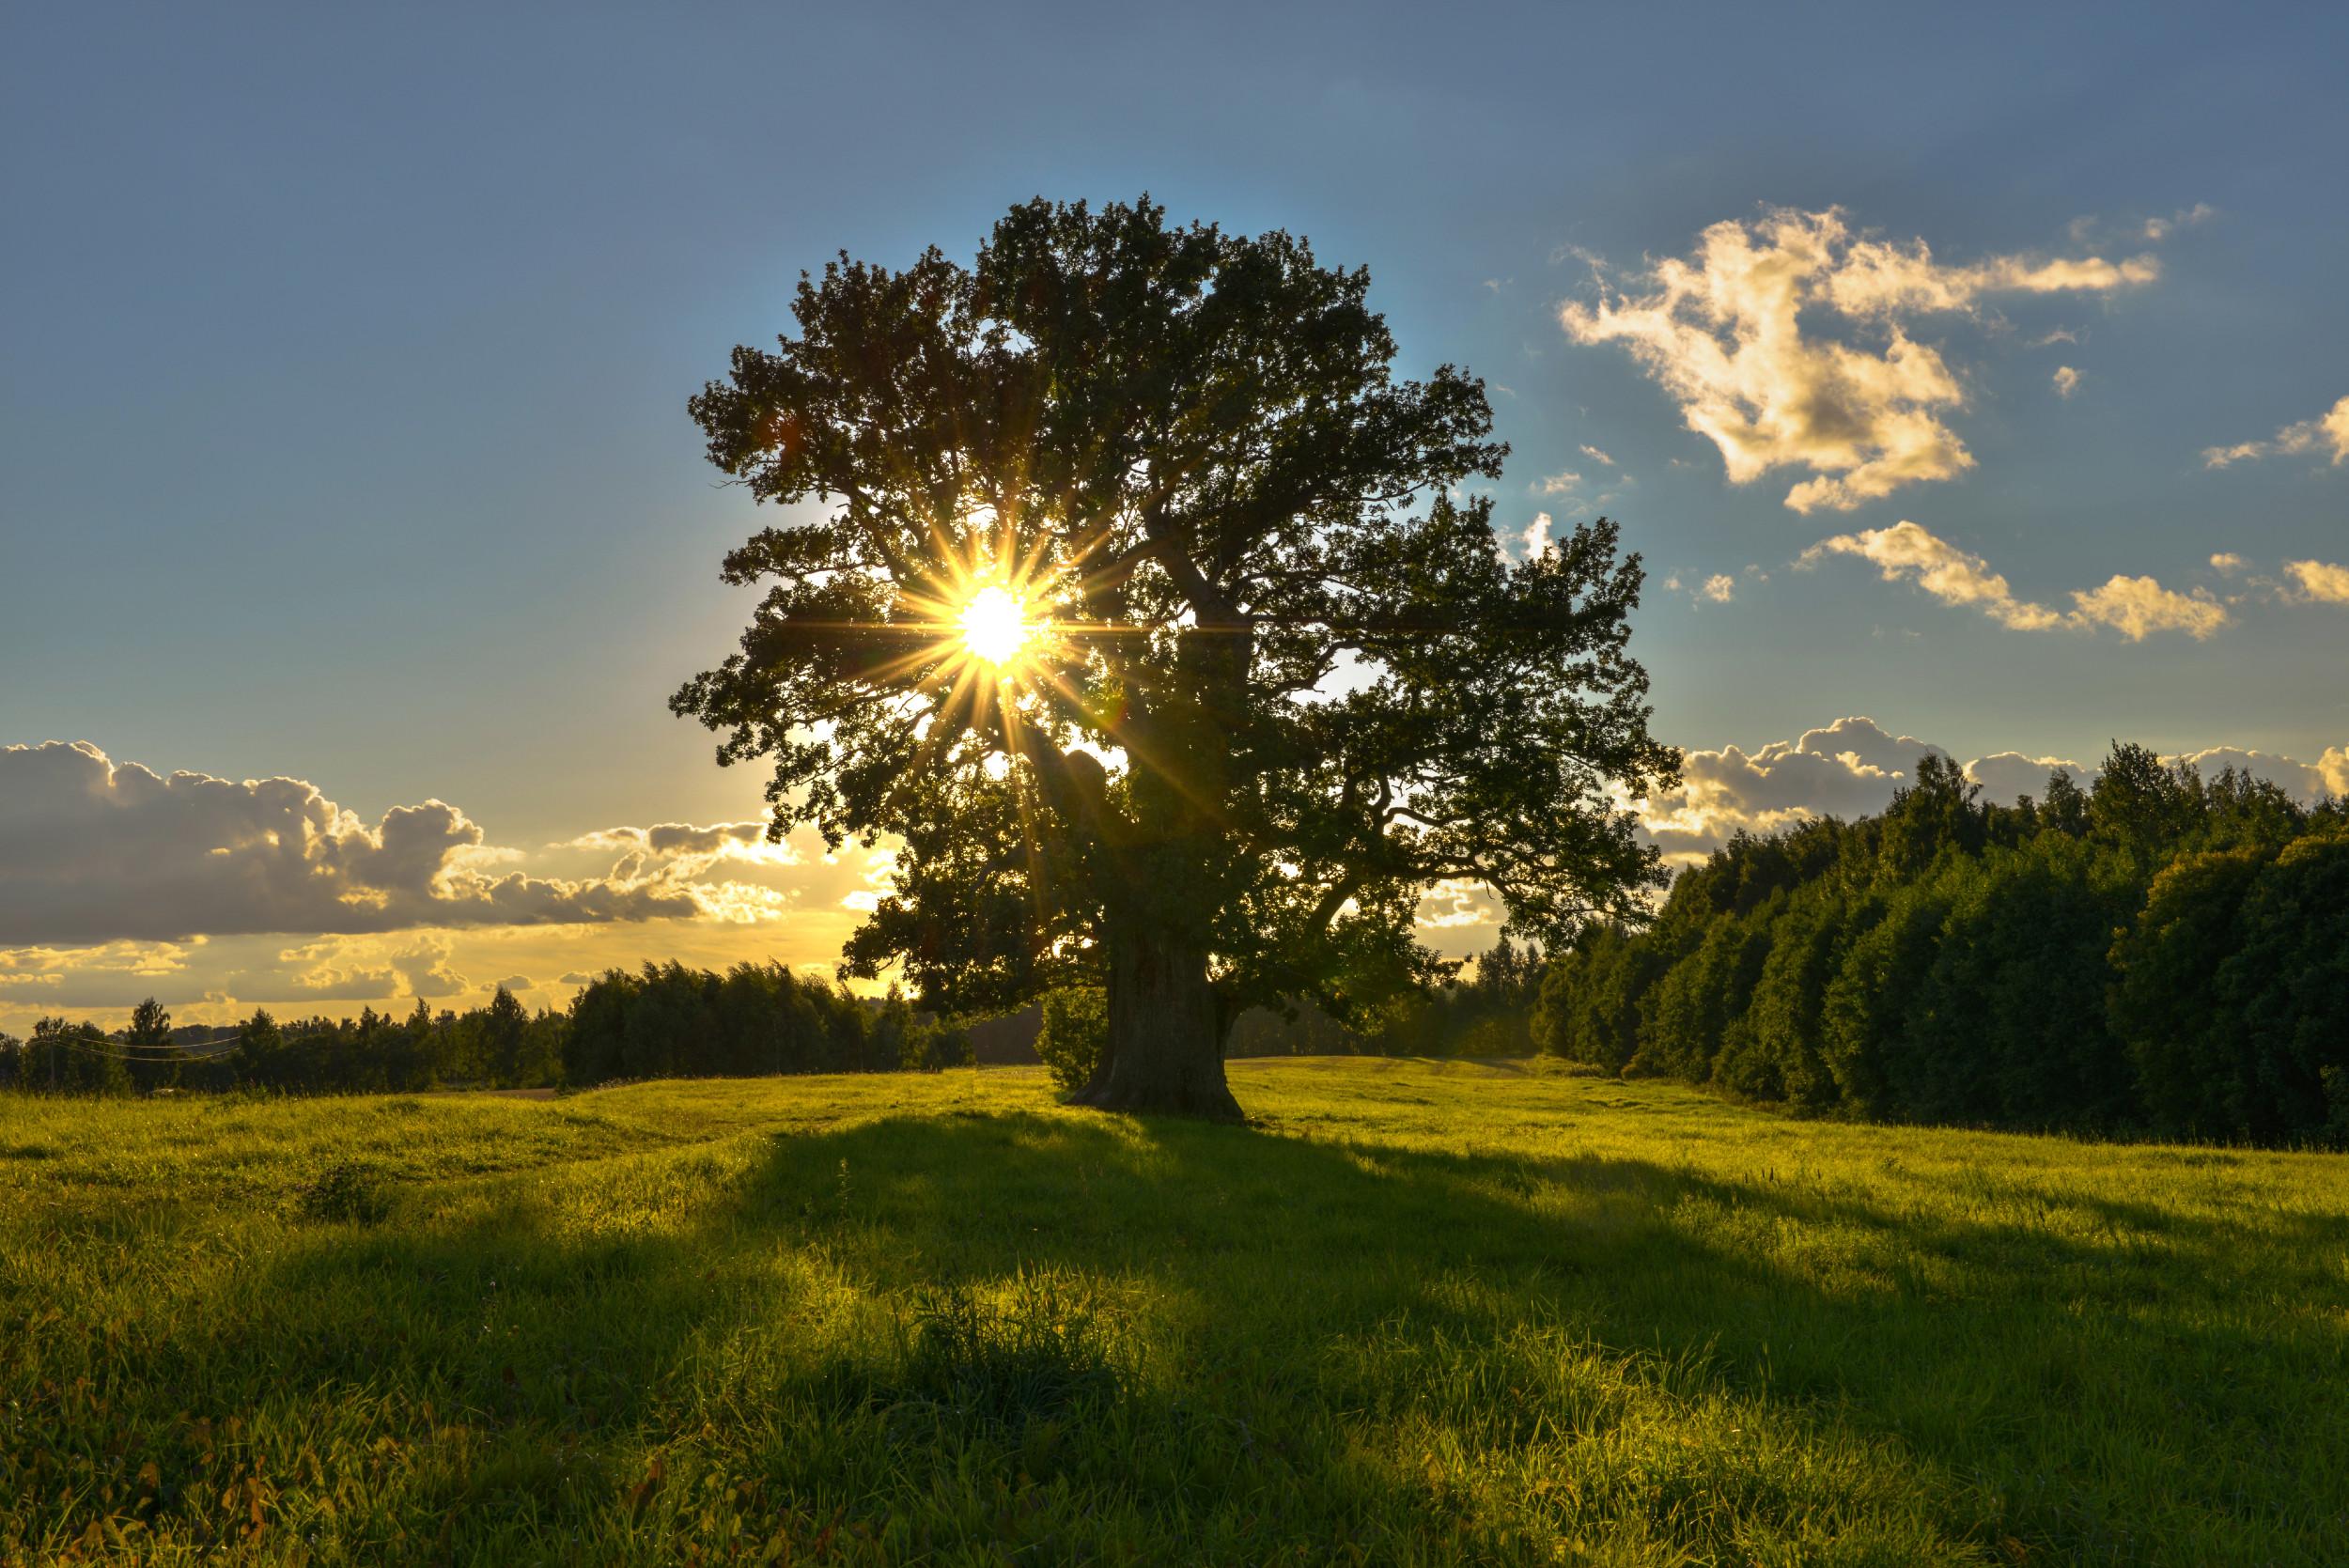 Tamme Lauri hrast, najstarije drvo u Estoniji (Foto: Wikimedia)